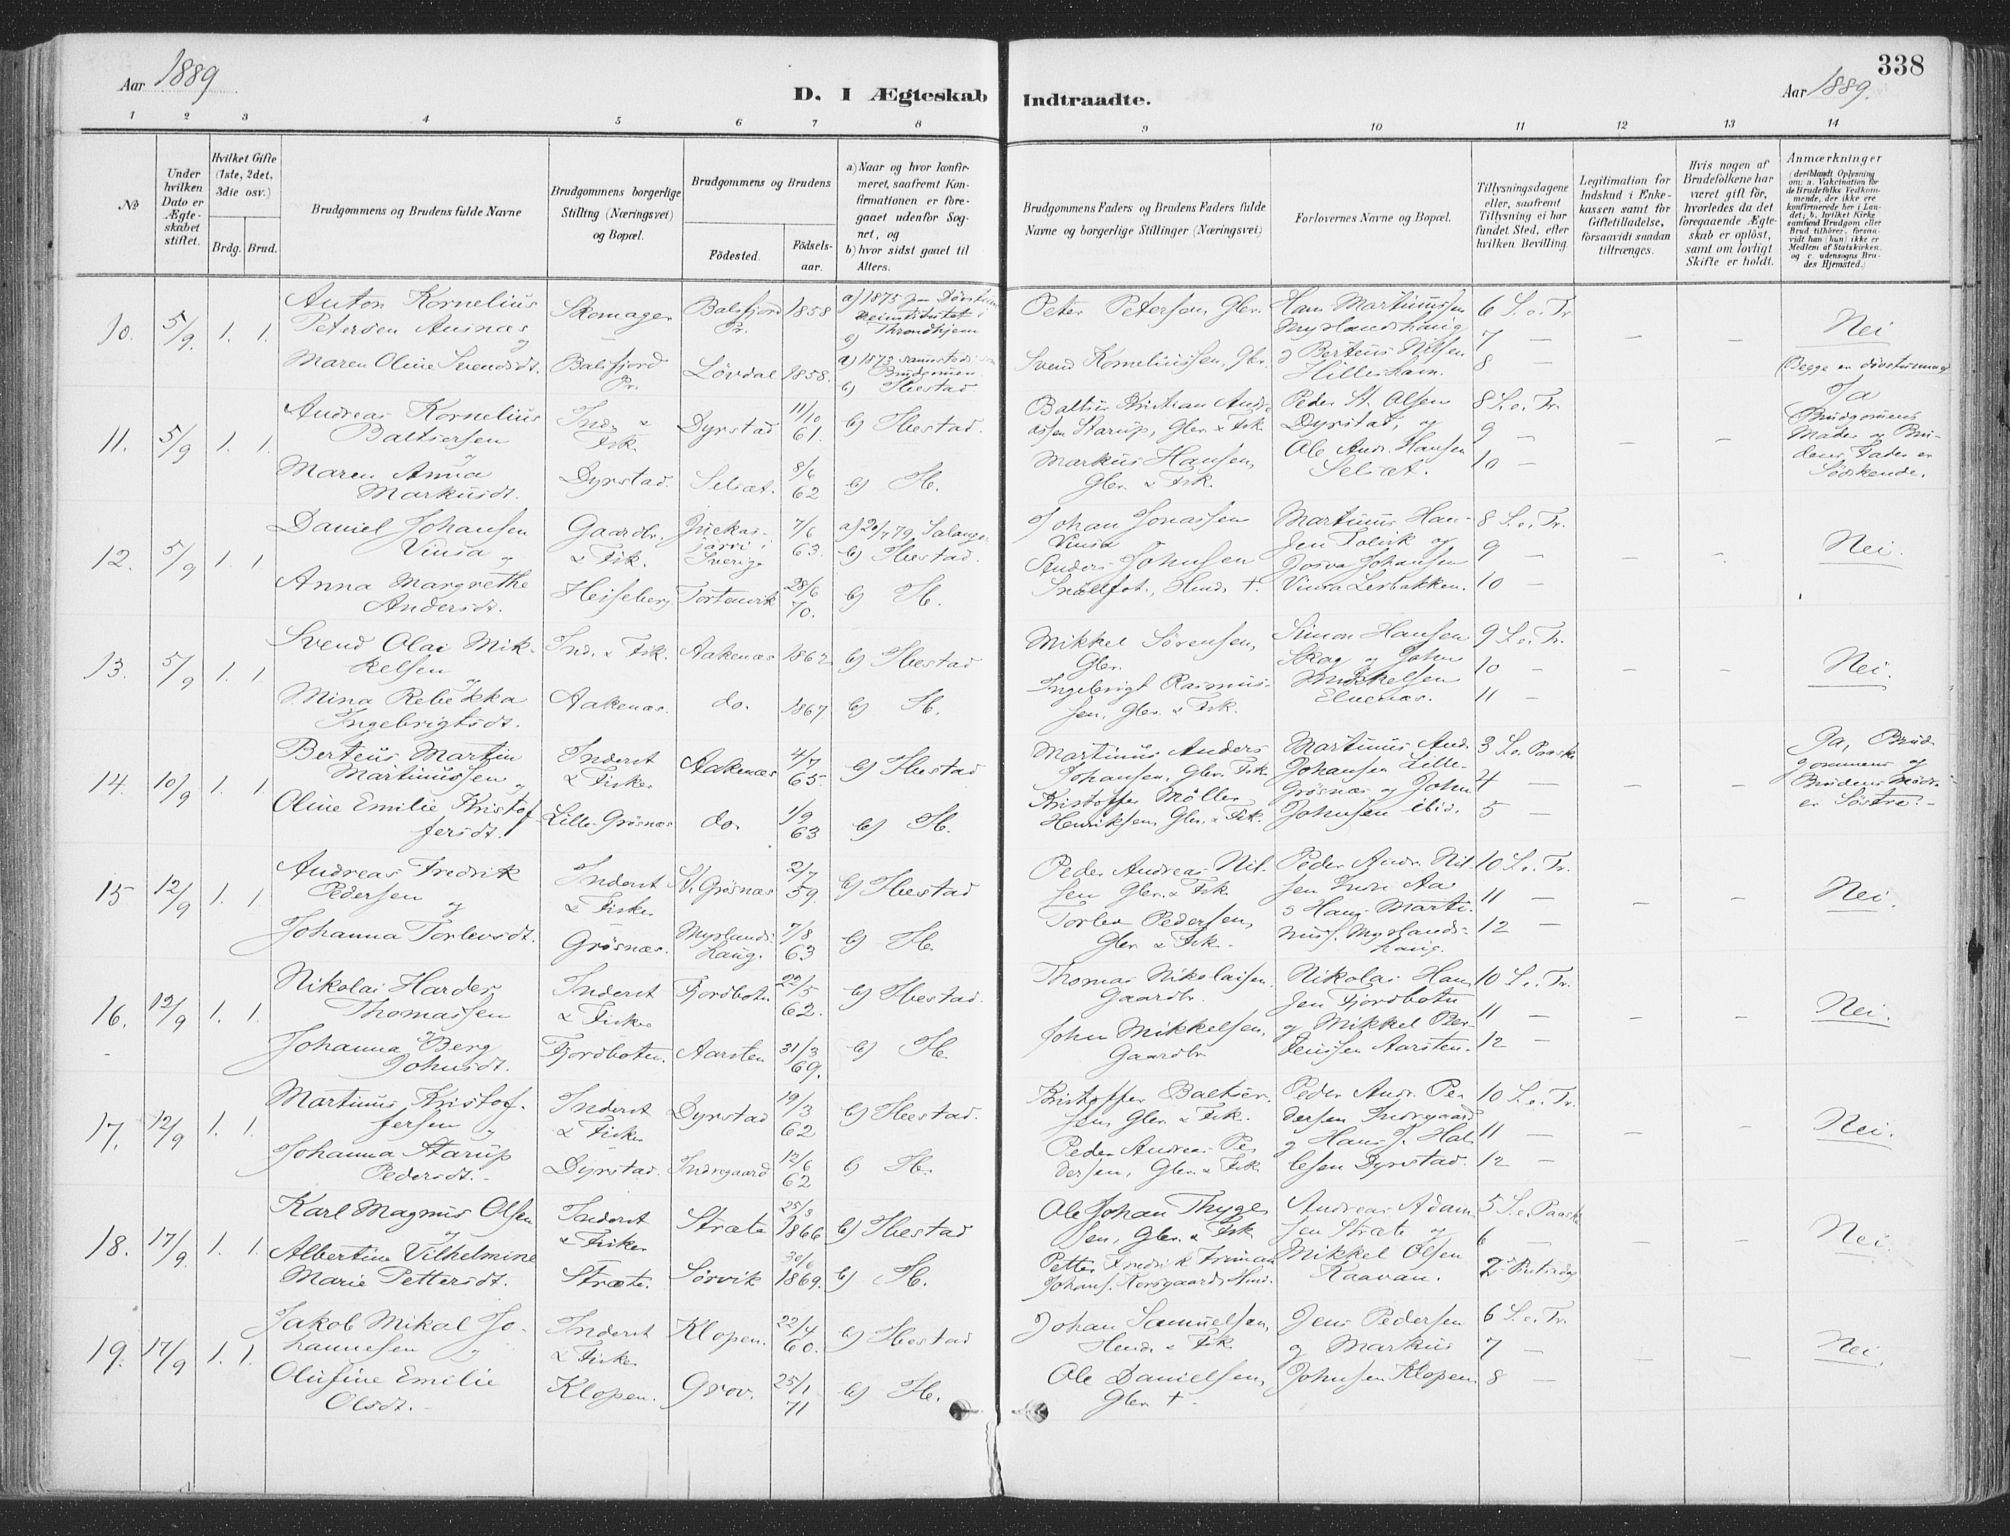 SATØ, Ibestad sokneprestembete, H/Ha/Haa/L0011kirke: Ministerialbok nr. 11, 1880-1889, s. 338